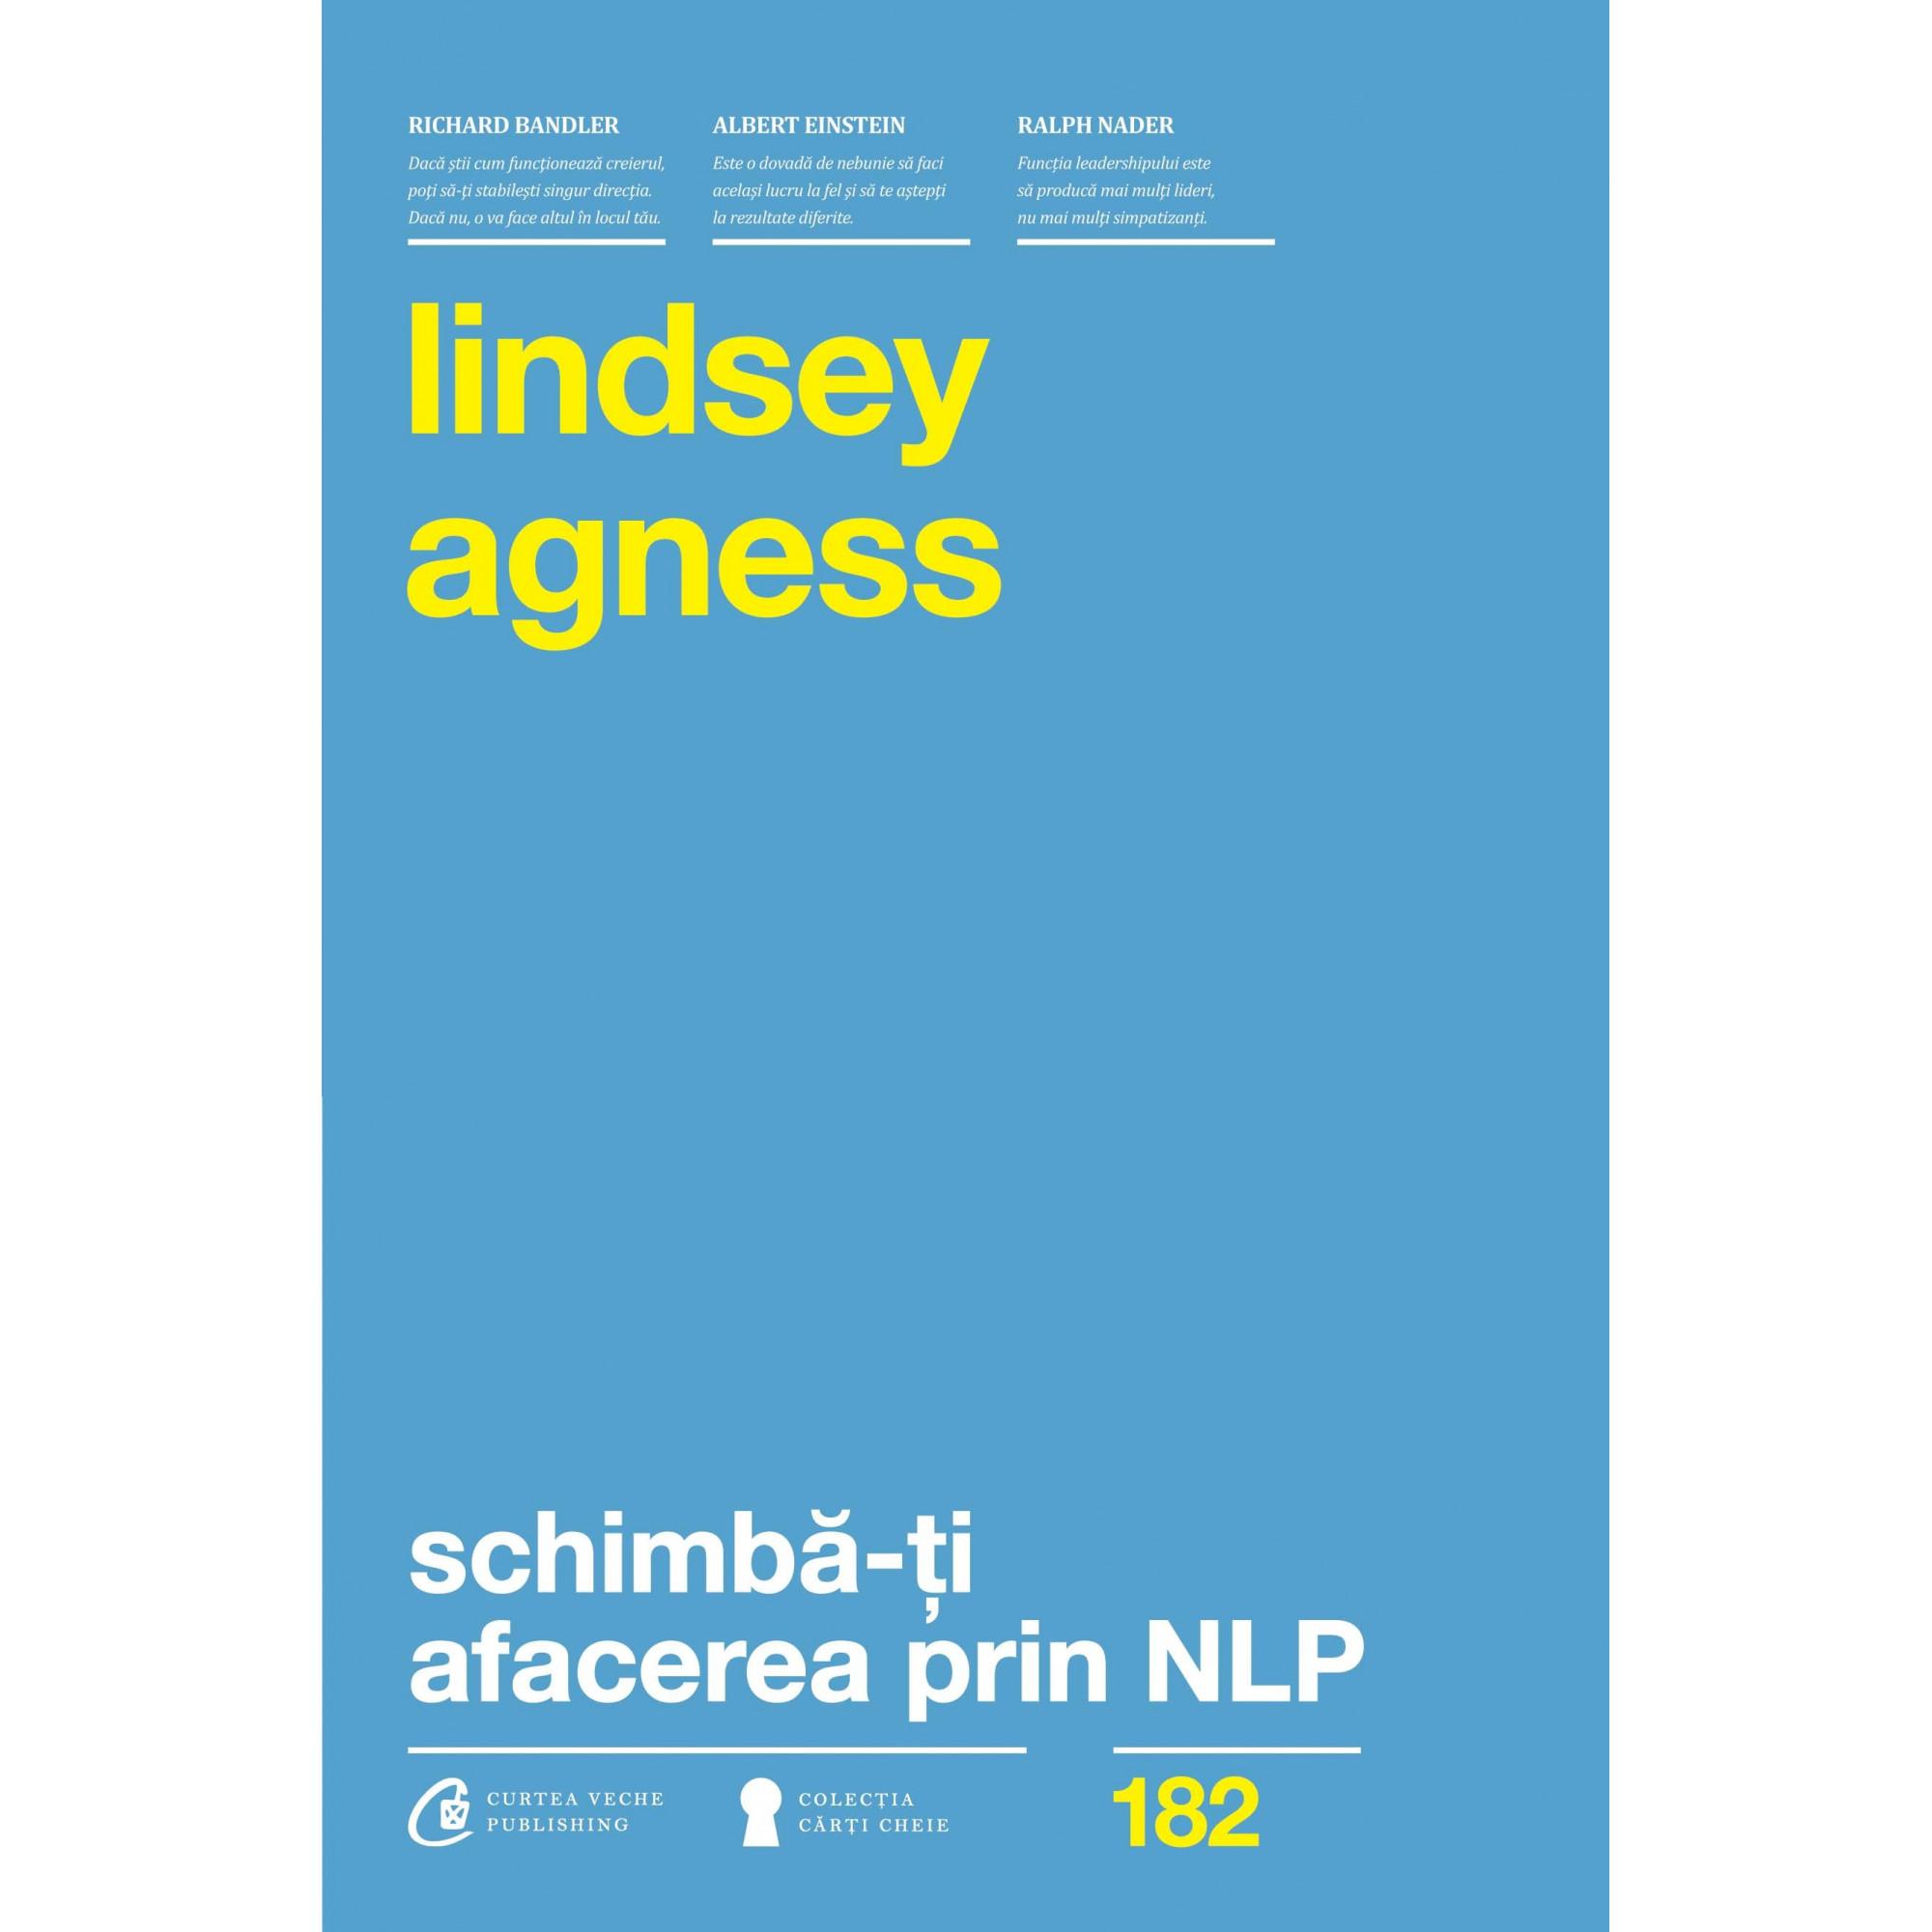 Schimbă-ți afacerea prin NLP. Instrumente puternice pentru a îmbunătăți performanțele și rezultatele organizației tale; Lindsey Agness